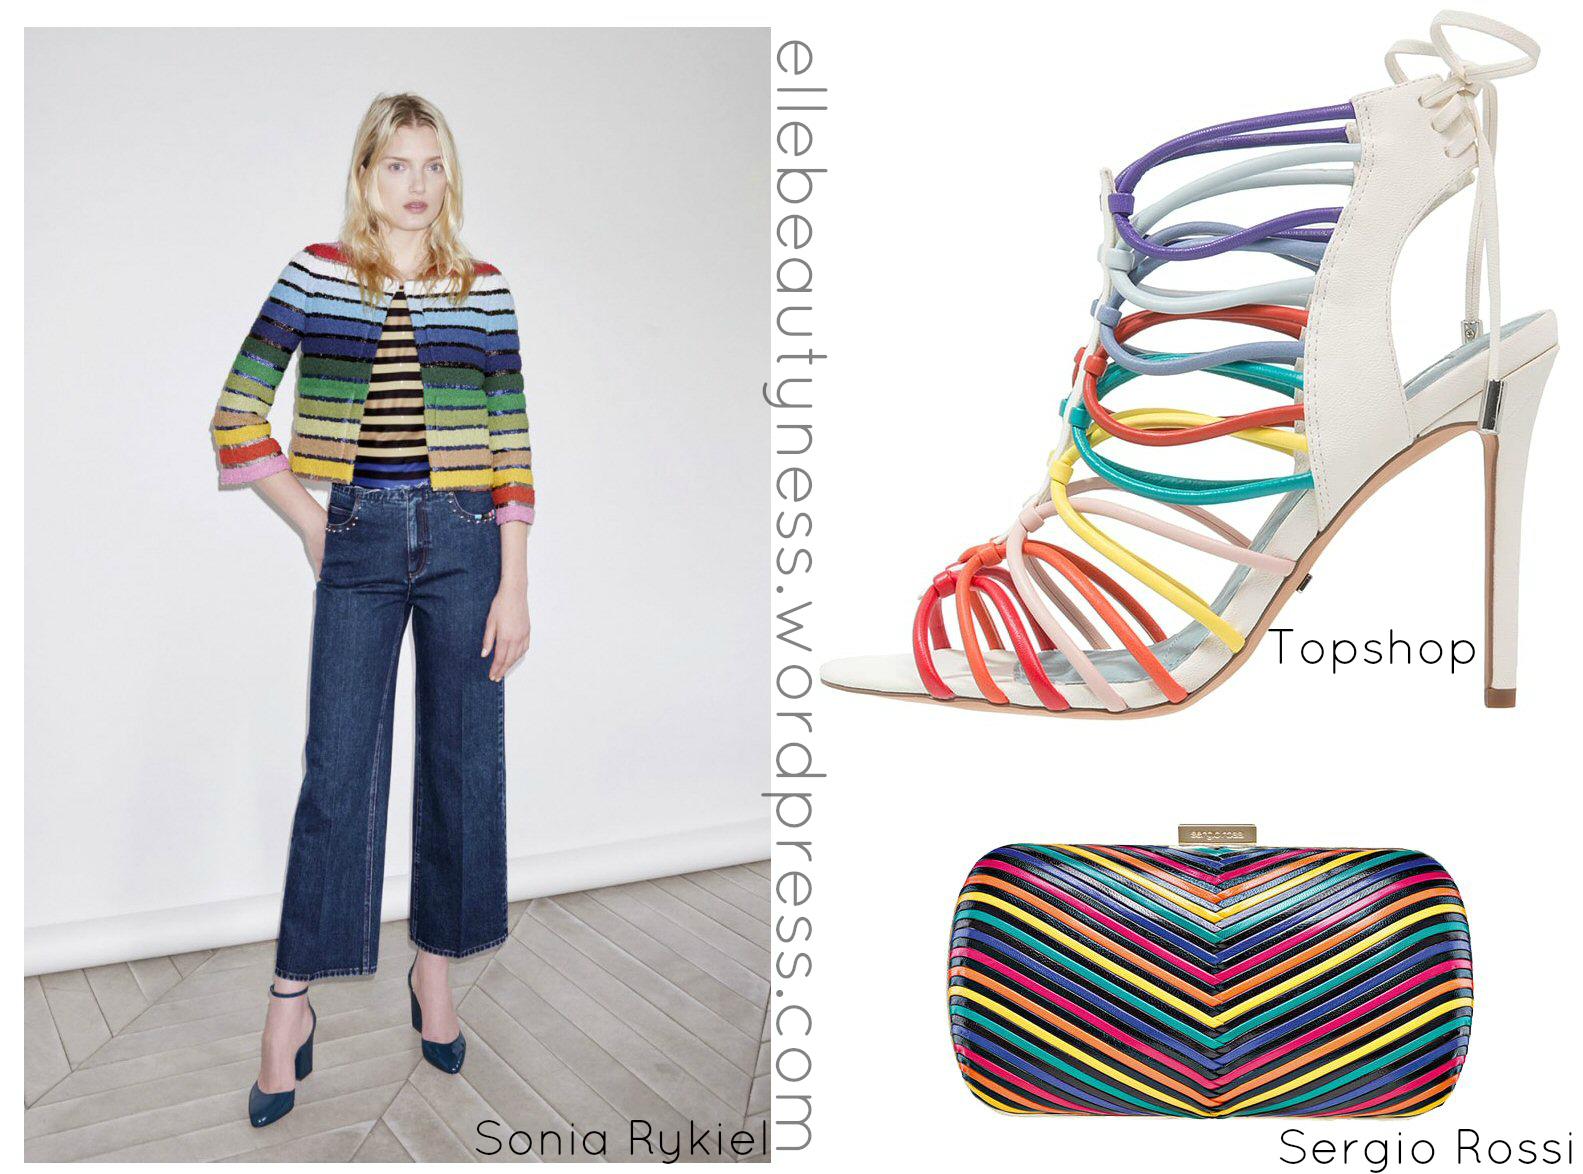 083bf7b80a54 rainbow colors tendenza moda 2016 colore capelli accessori moda ...